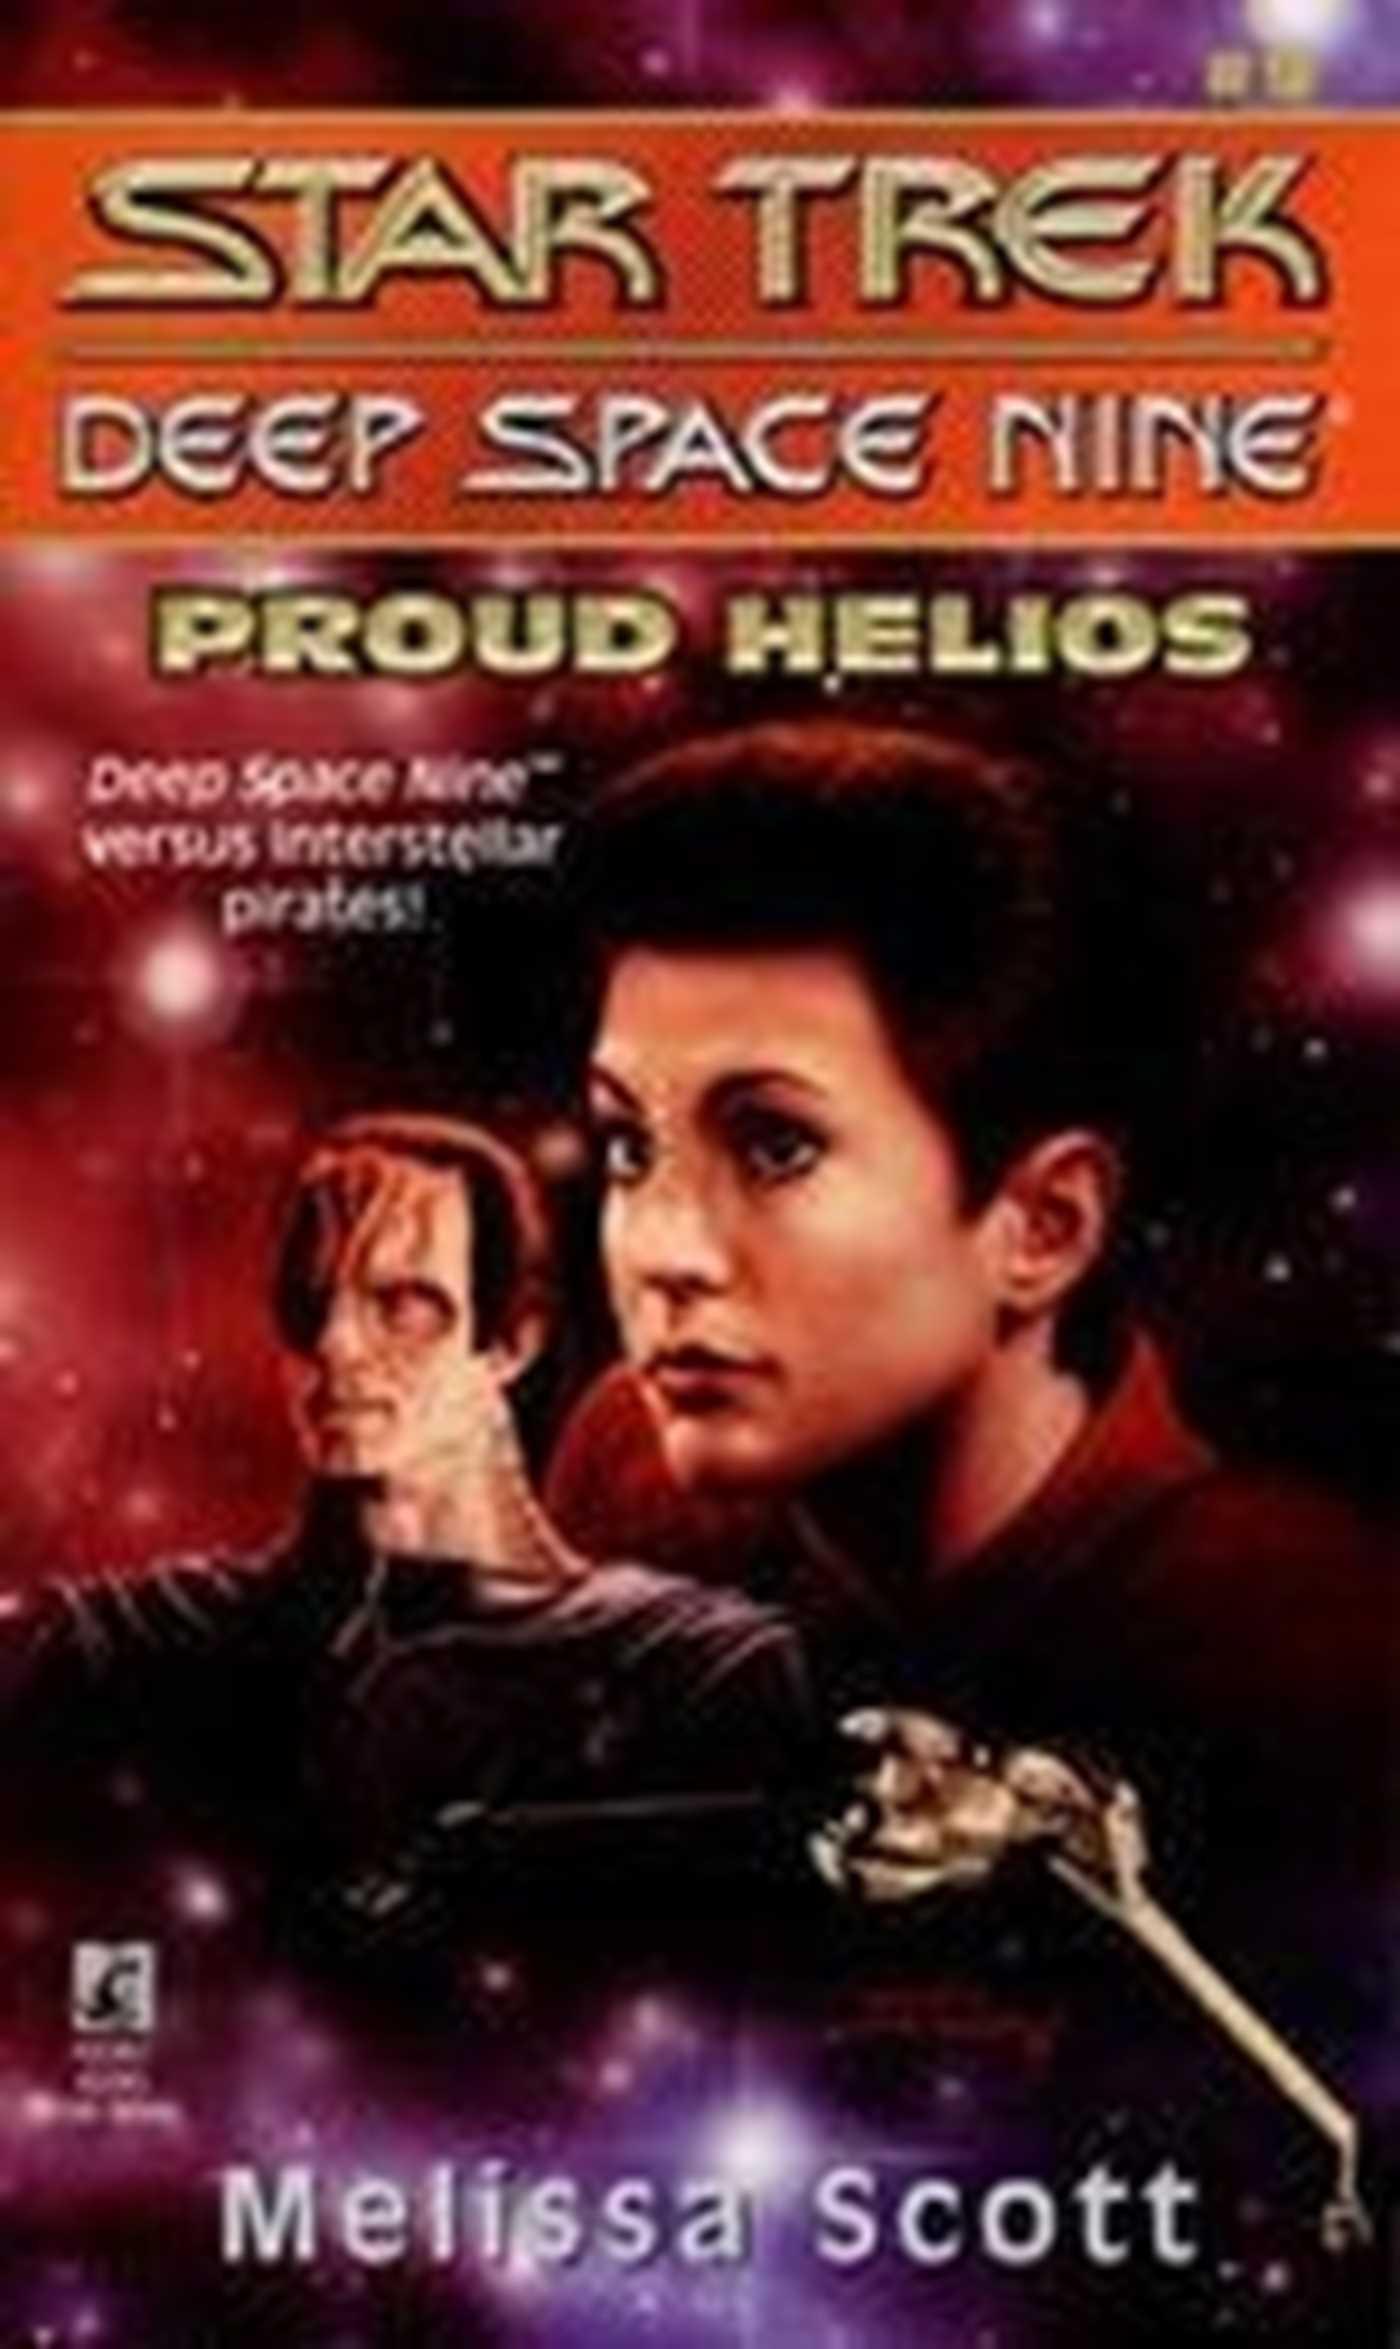 Proud helios 9780743420402 hr